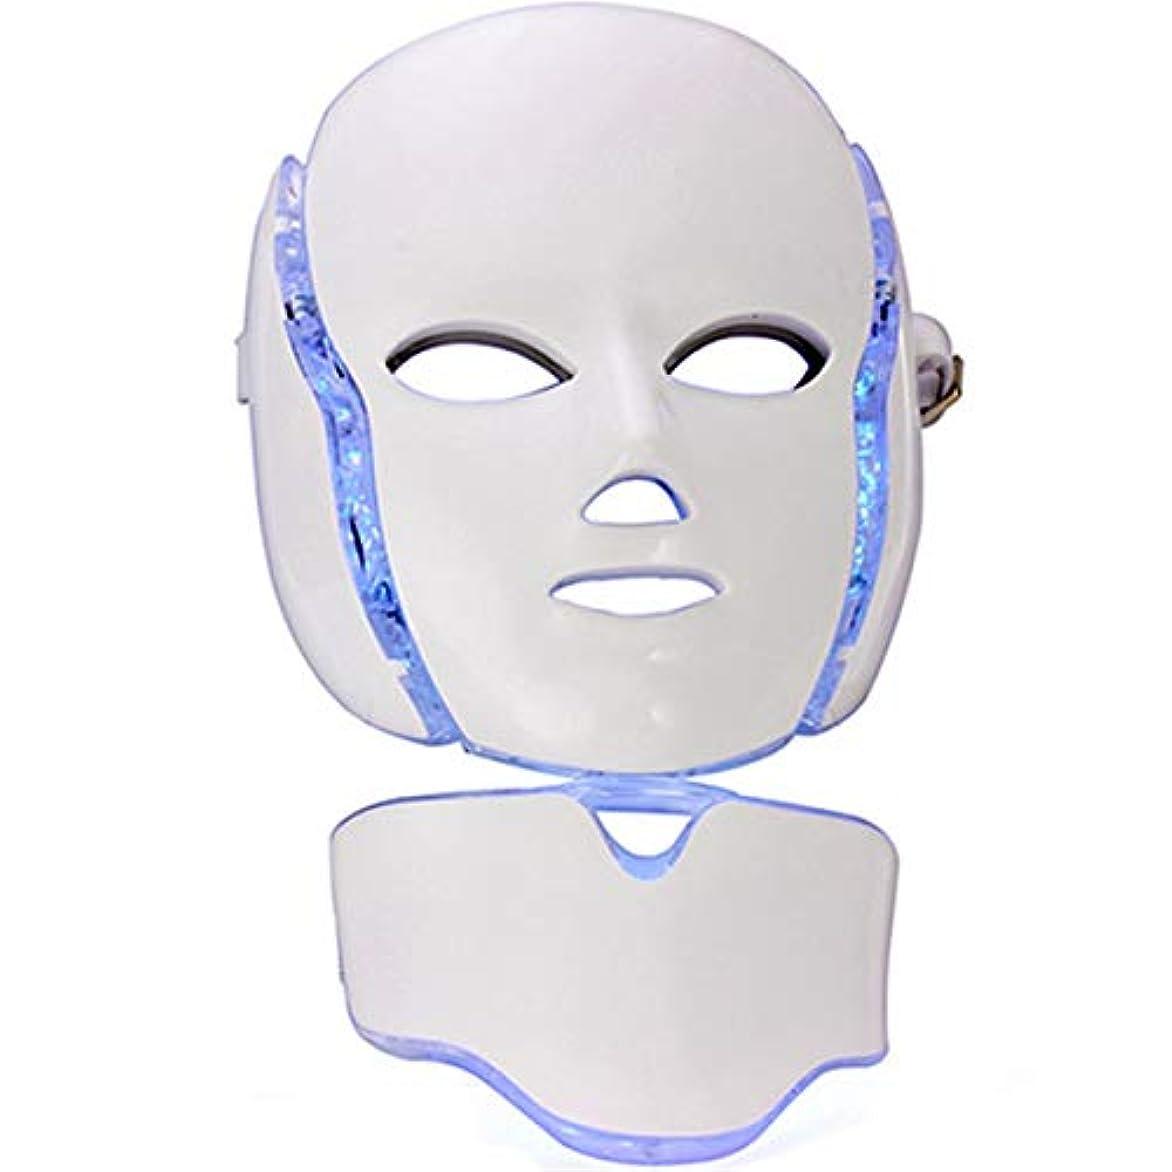 レンチ経過狂った光エステ LED美顔器 7色 美顔マスク 首ユニット付き たるみ ほうれい線 美肌 ニキビ対策 コラーゲン生成 美白 エイジングケア